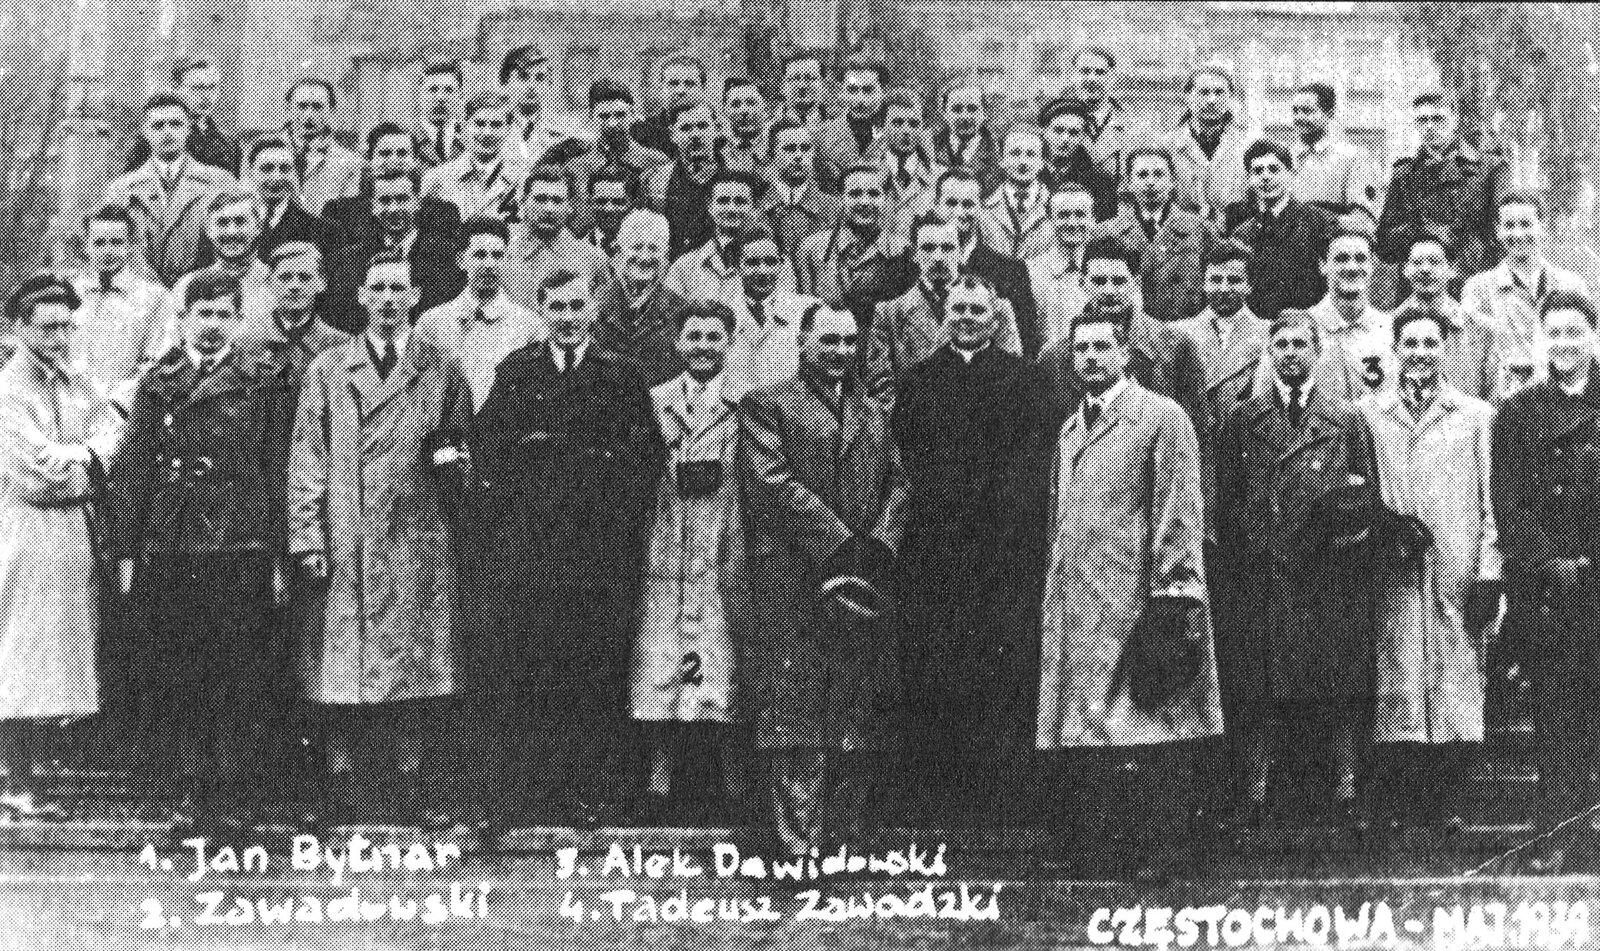 """Przedmaturalna pielgrzymka klasy Rudego, Alka iZośki na Jasną Górę wmaju 1939, [w:] Barbara Wachowicz, Rudy, Alek, Zośka. Gawęda obohaterach""""Kamieni na szaniec"""" Przedmaturalna pielgrzymka klasy Rudego, Alka iZośki na Jasną Górę wmaju 1939, [w:] Barbara Wachowicz, Rudy, Alek, Zośka. Gawęda obohaterach""""Kamieni na szaniec"""" Źródło: 1939, zdjęcie archiwalne, domena publiczna."""